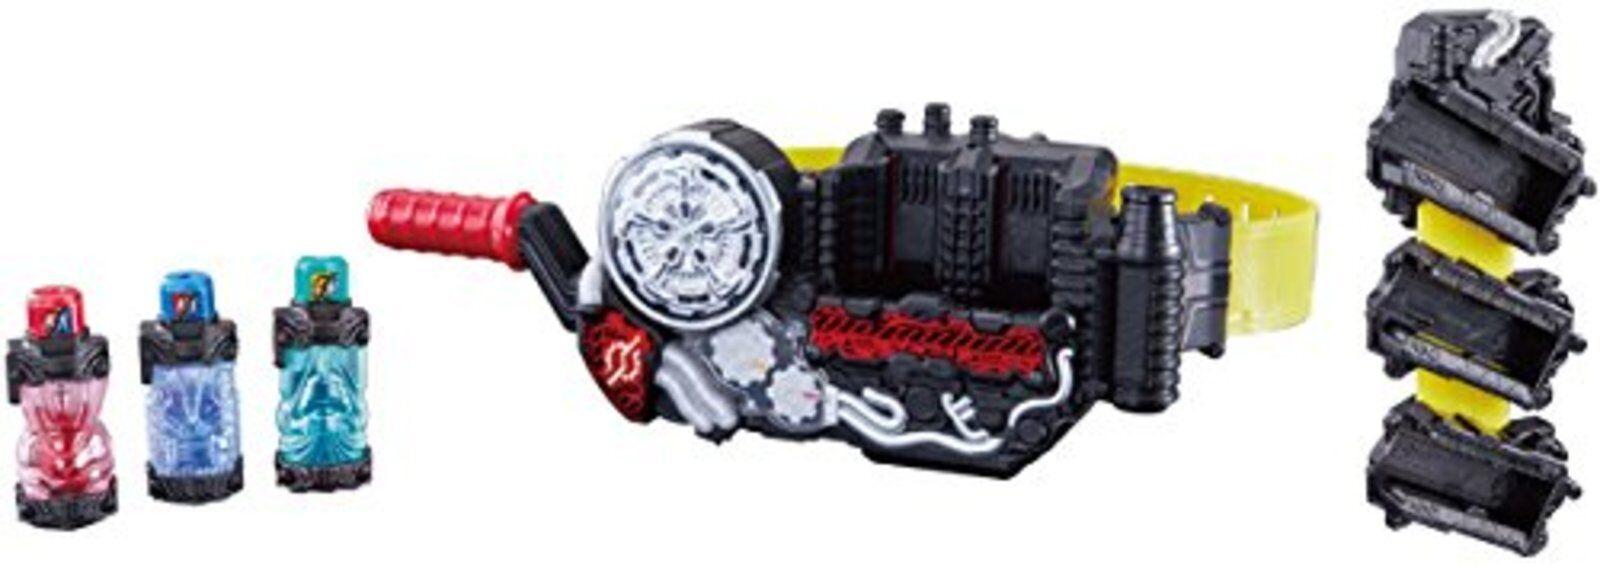 Kamen Rider Costruzione Dx Guida  Completo Portabottiglie Set Giocattolo F S W   spedizione veloce e miglior servizio